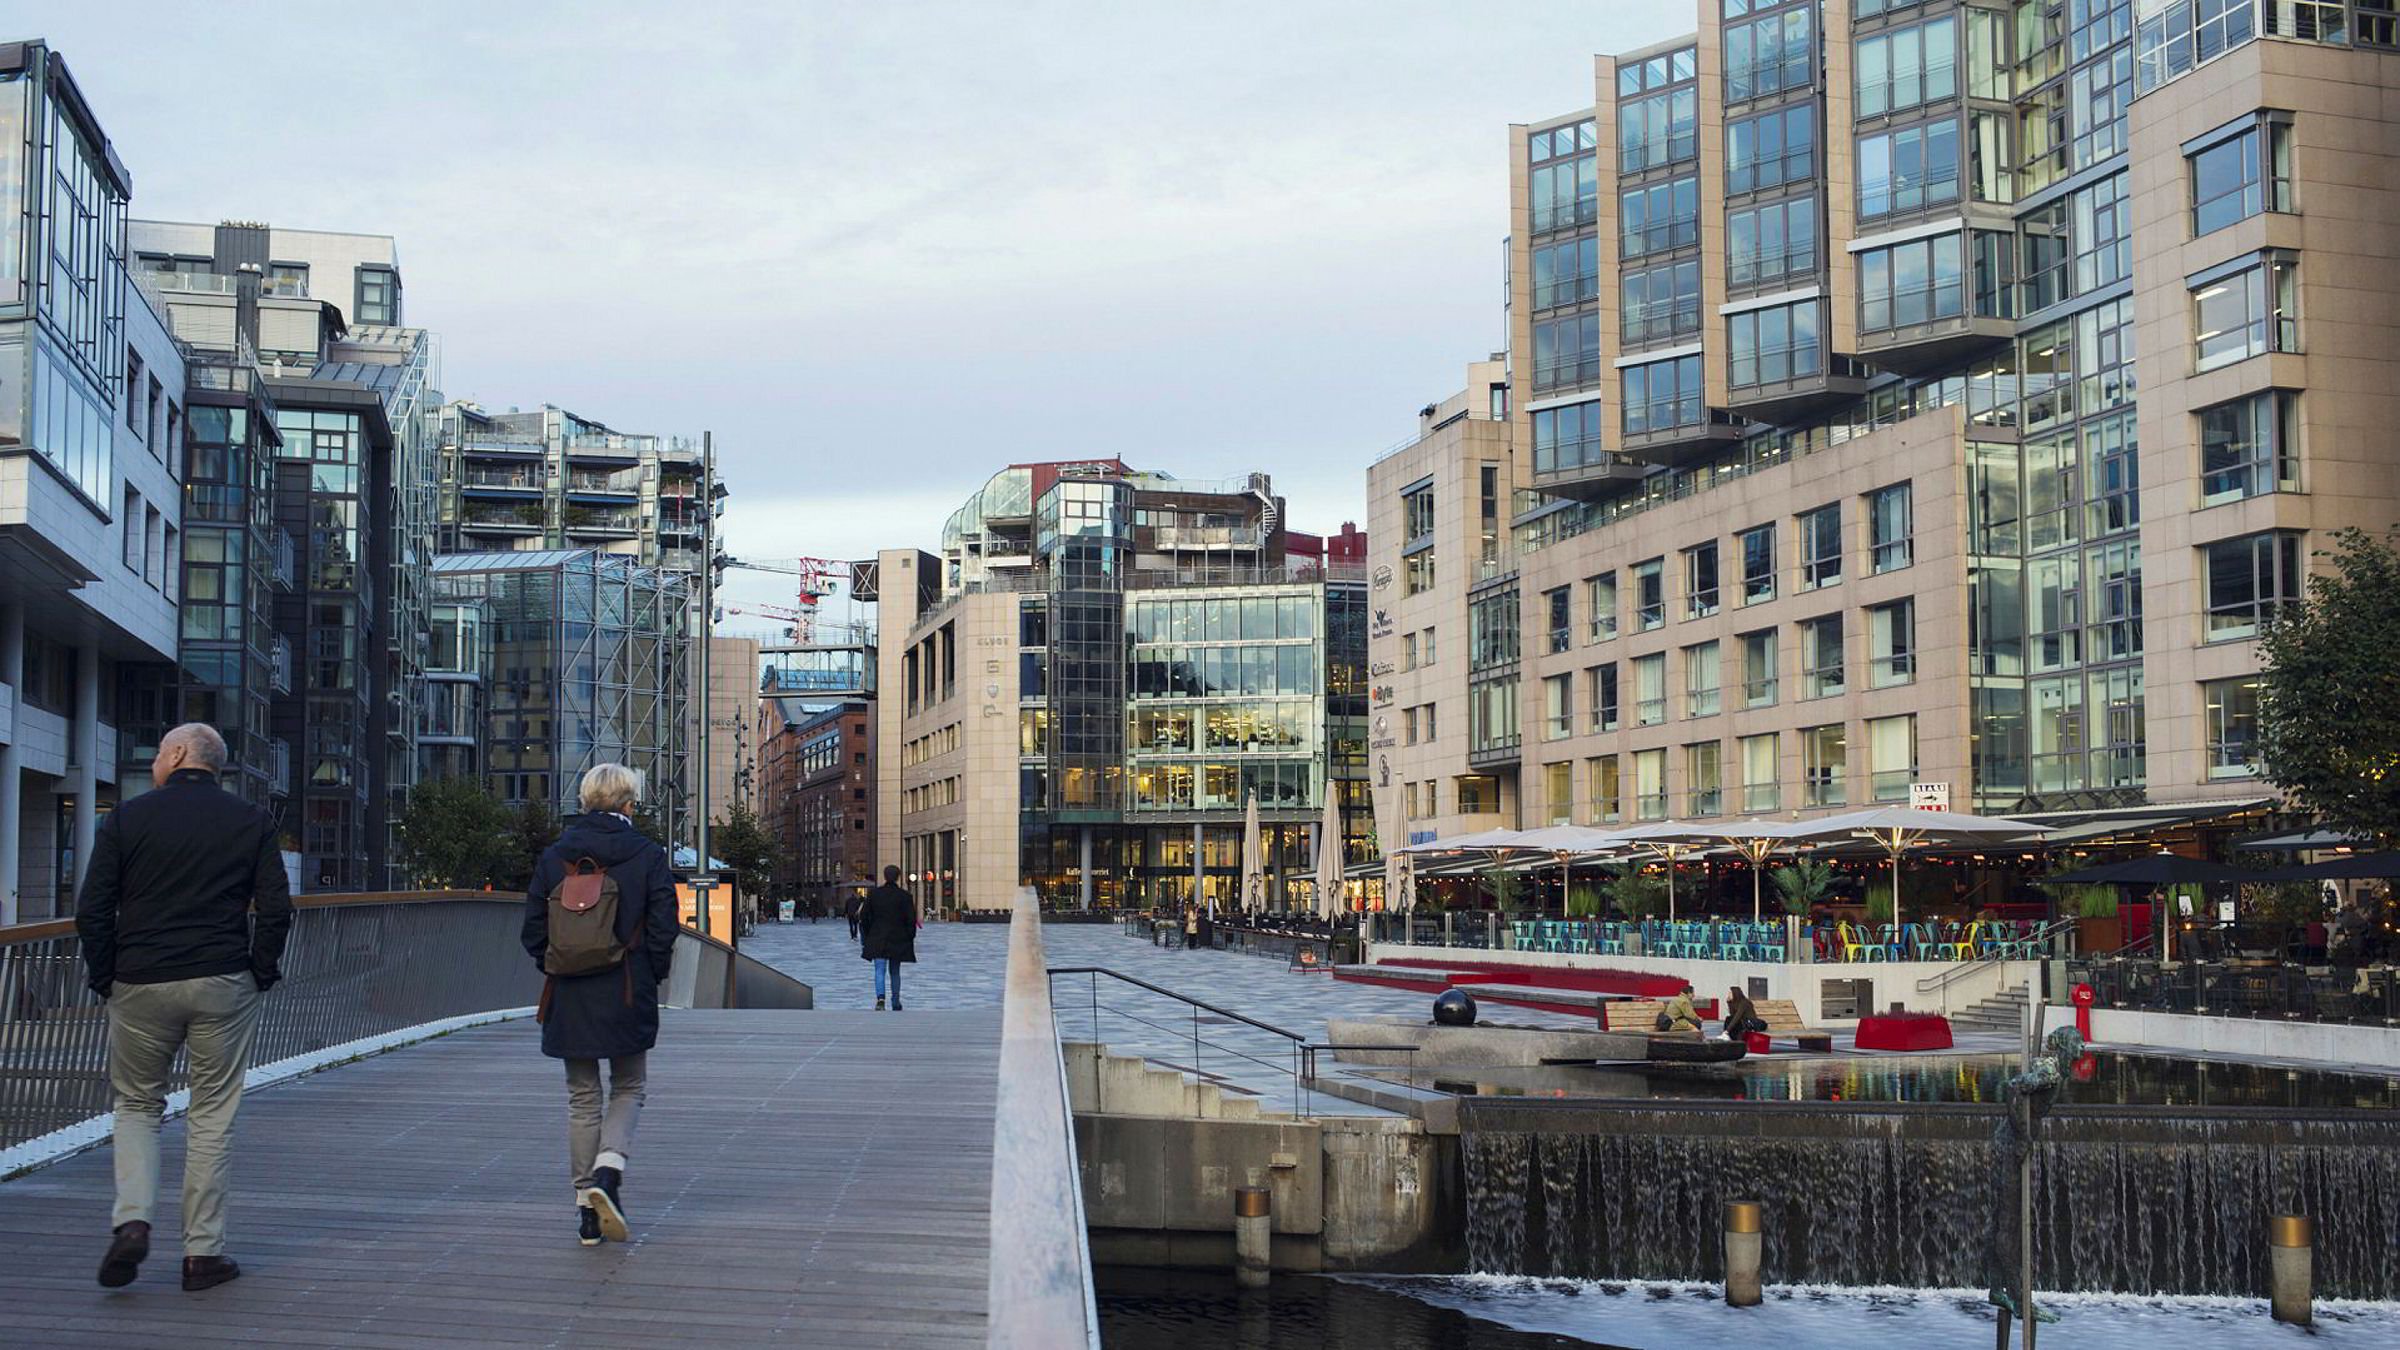 Skulle obligasjonsrentene stige, vil det kunne gi høyere lånerenter i Norge selv om Norges Bank holder sin styringsrente uendret, skriver Elisabeth Holvik